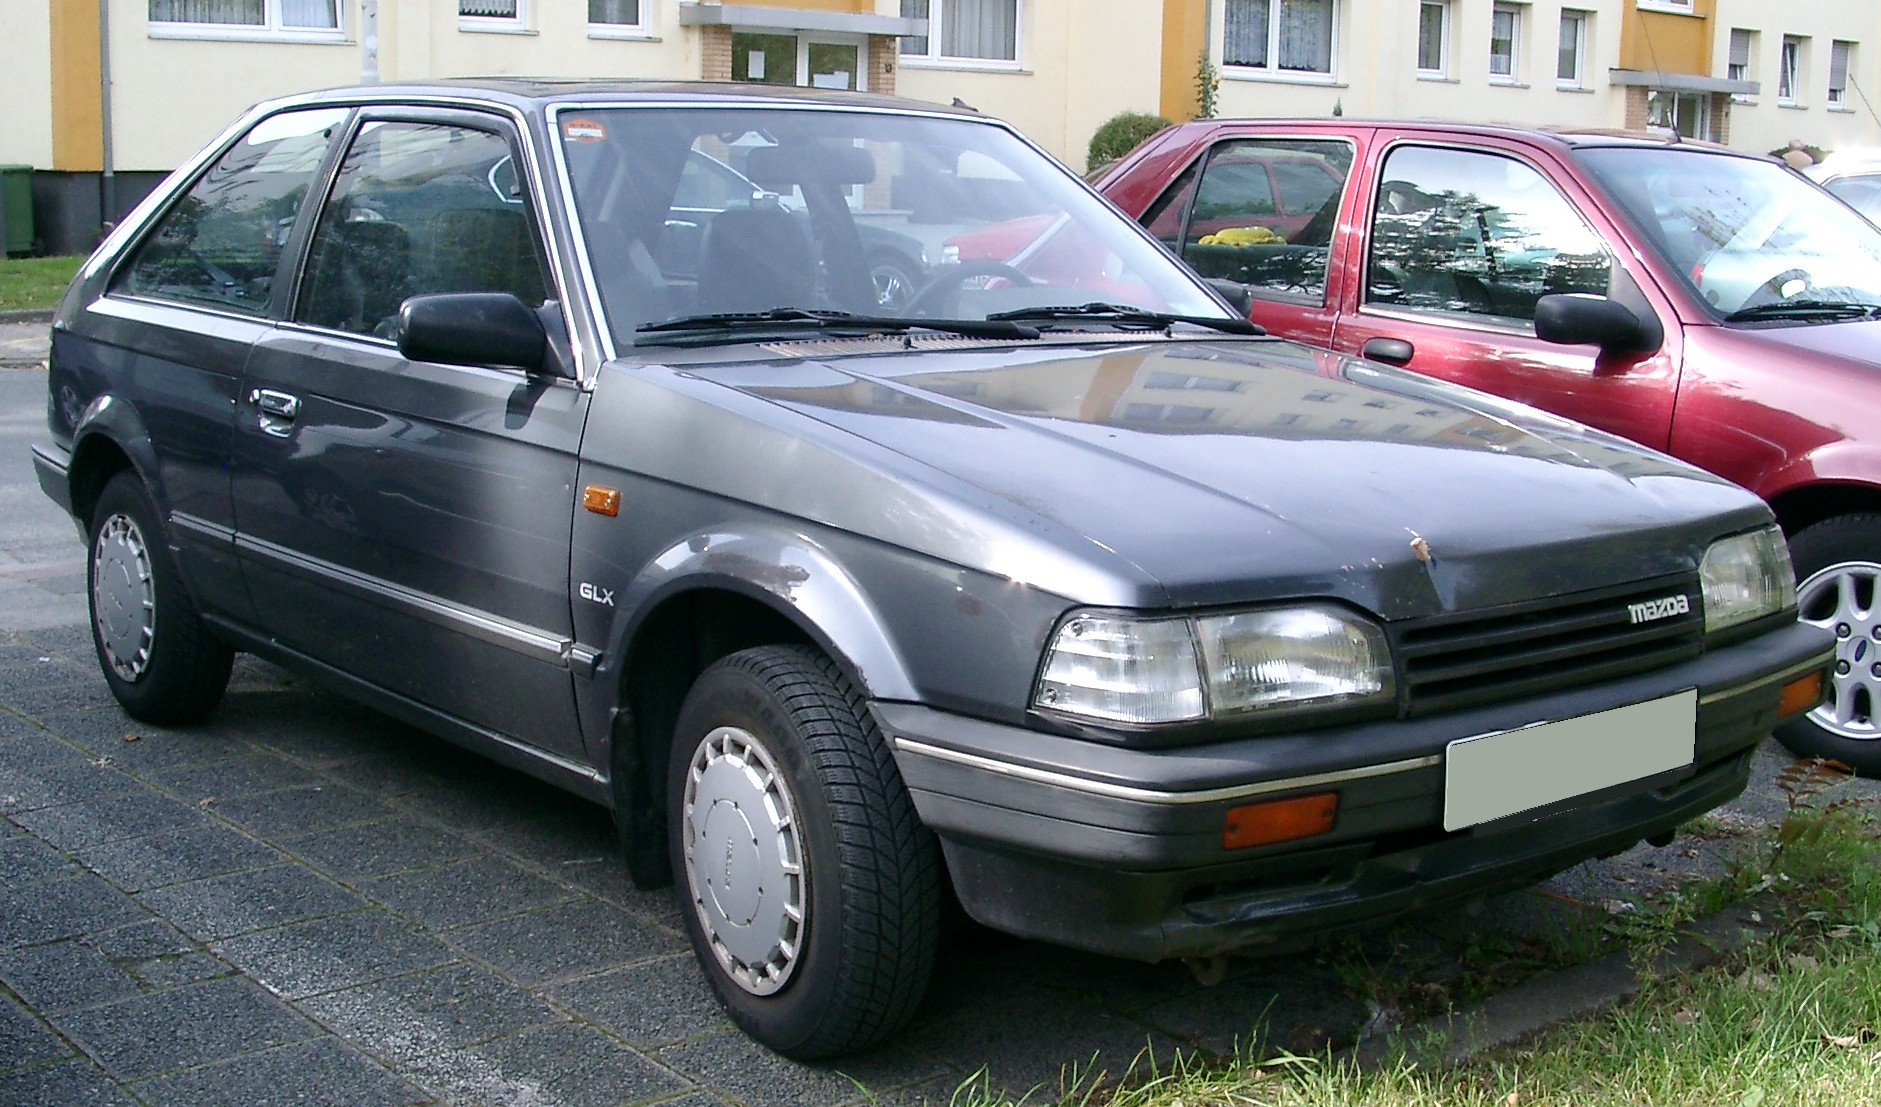 File:Mazda 323 front 20070920.jpg